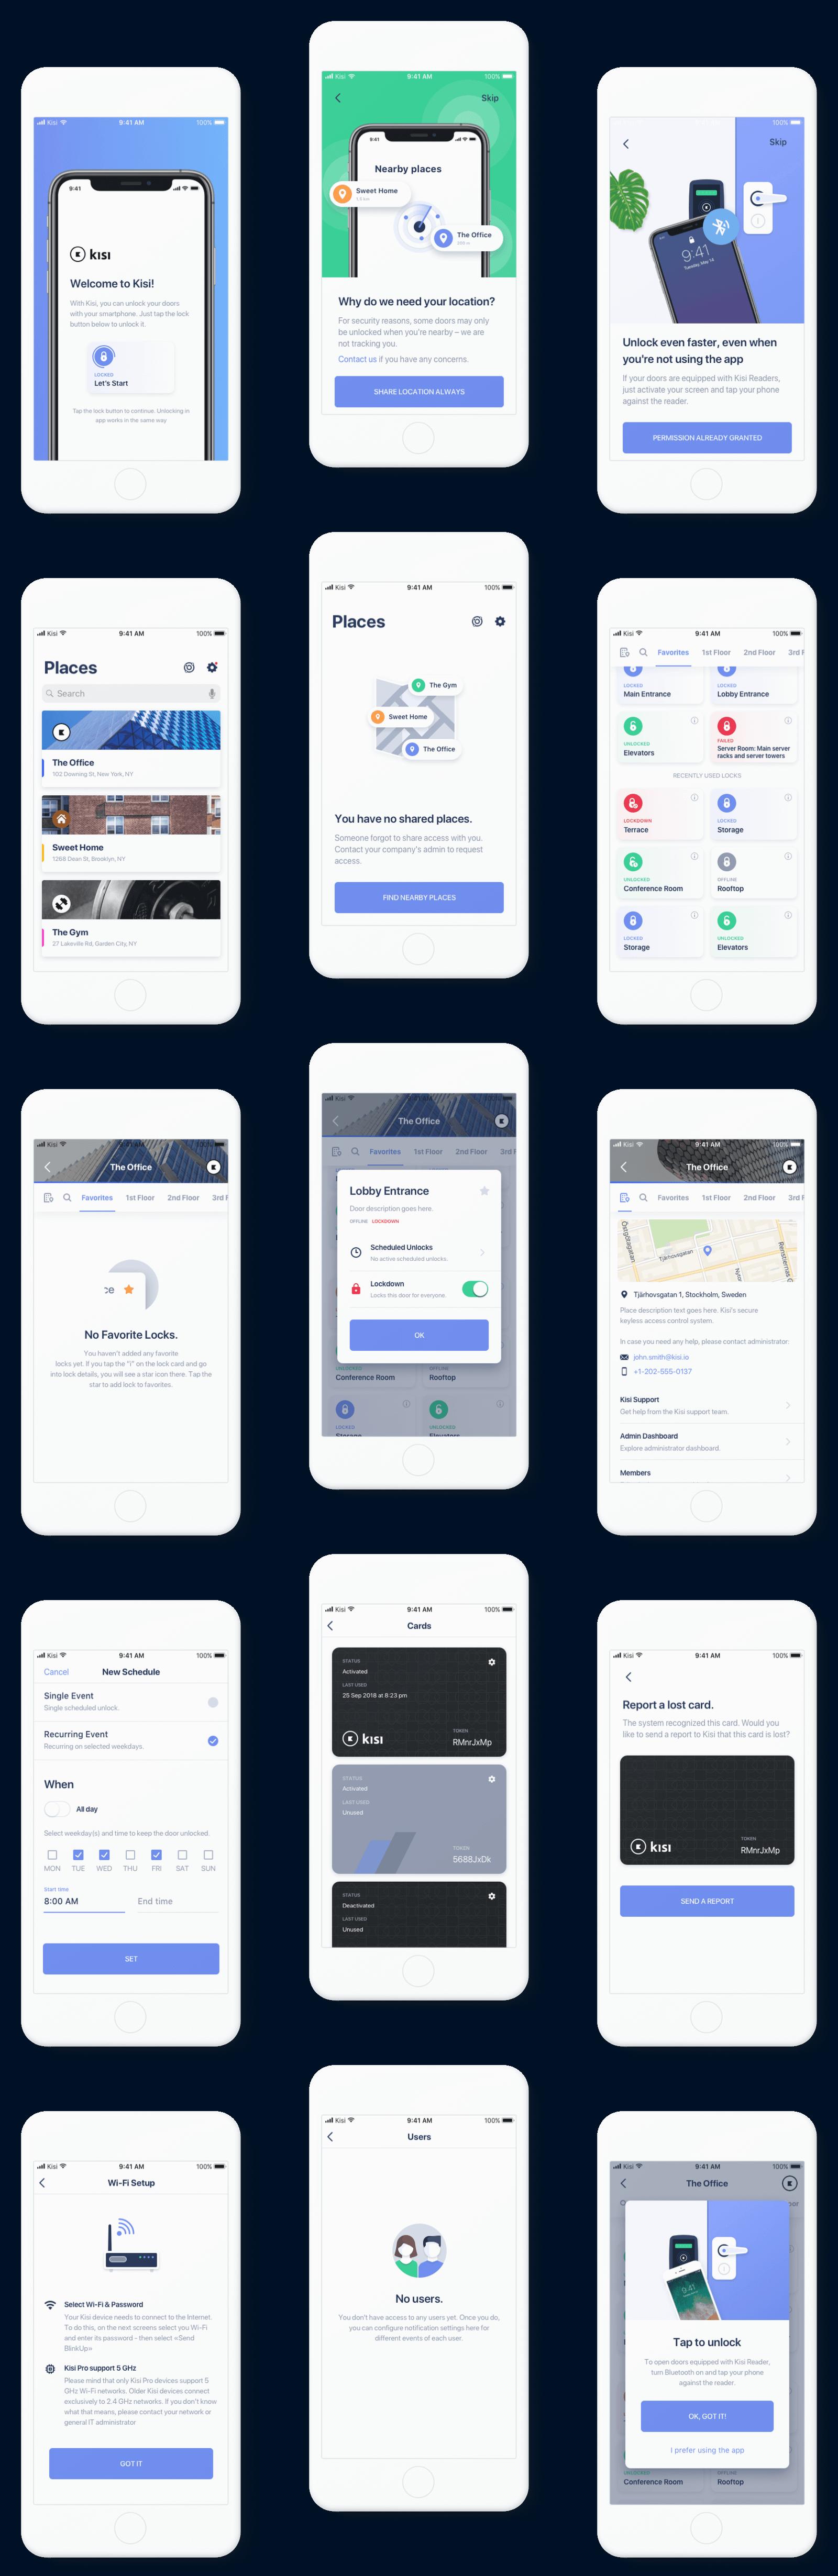 Kisi ios app